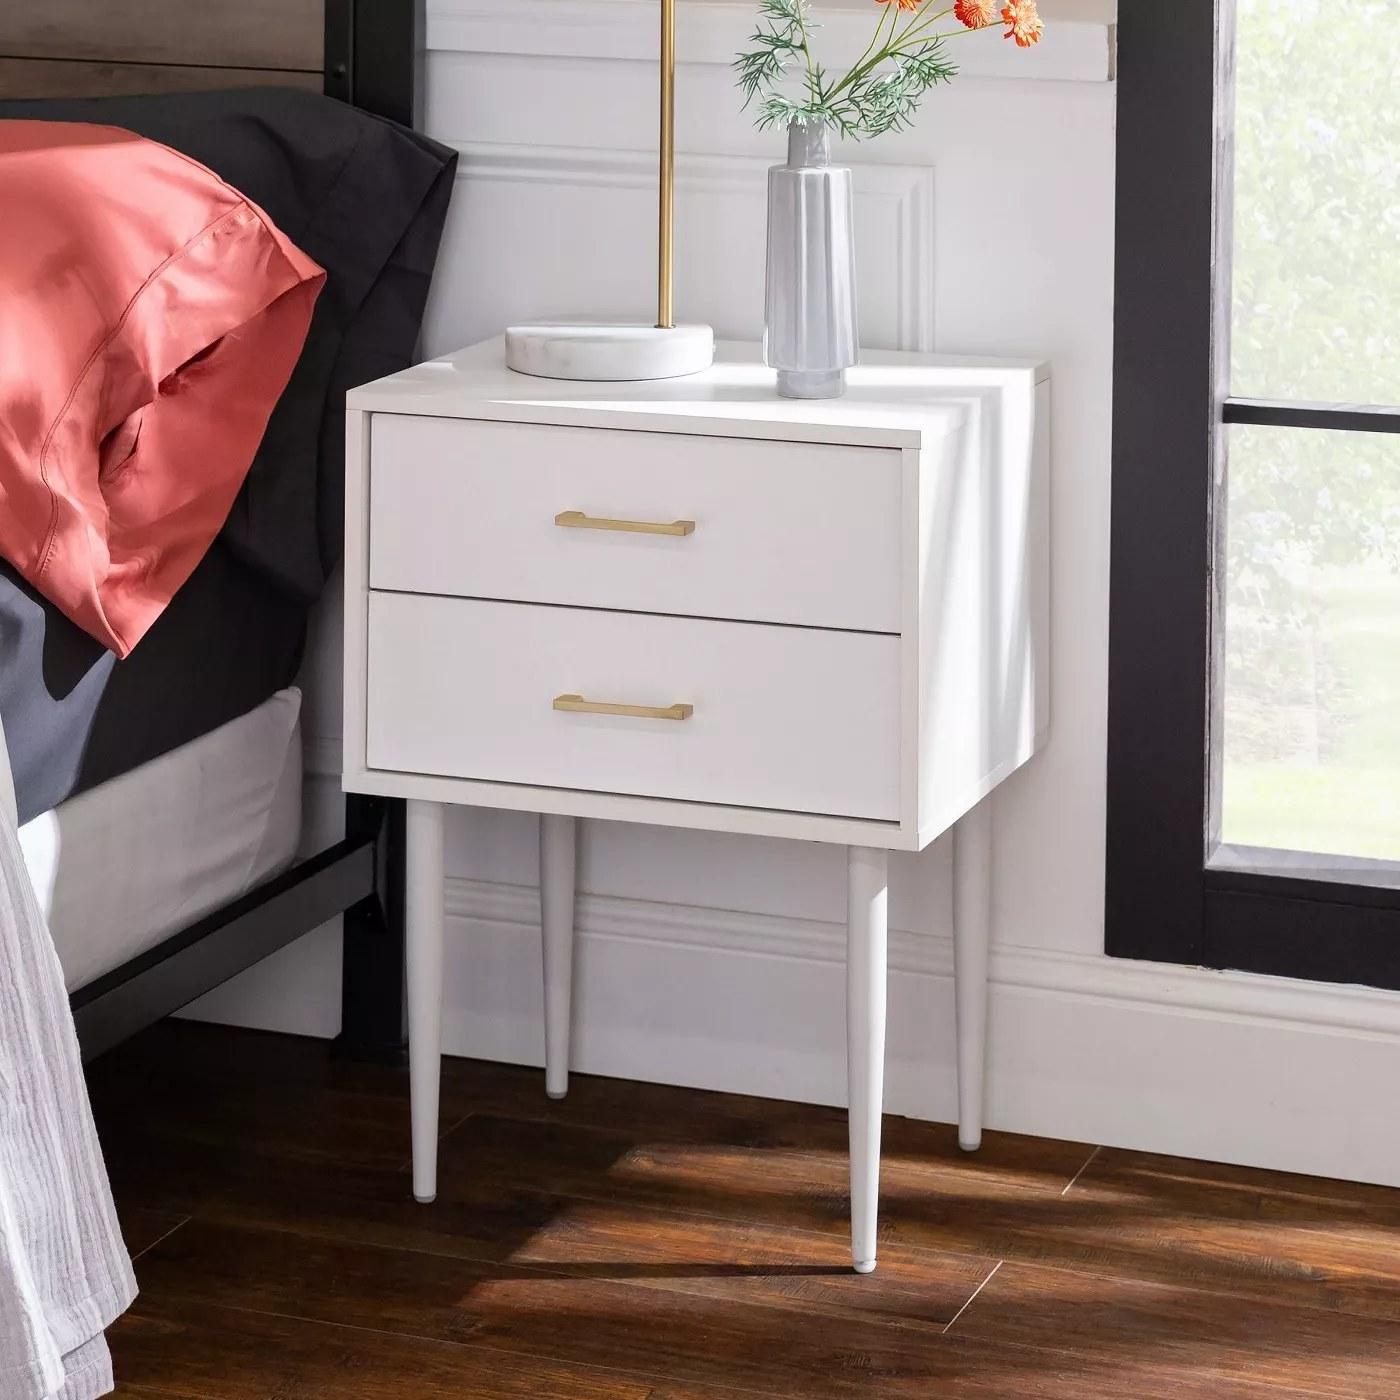 The white nightstand